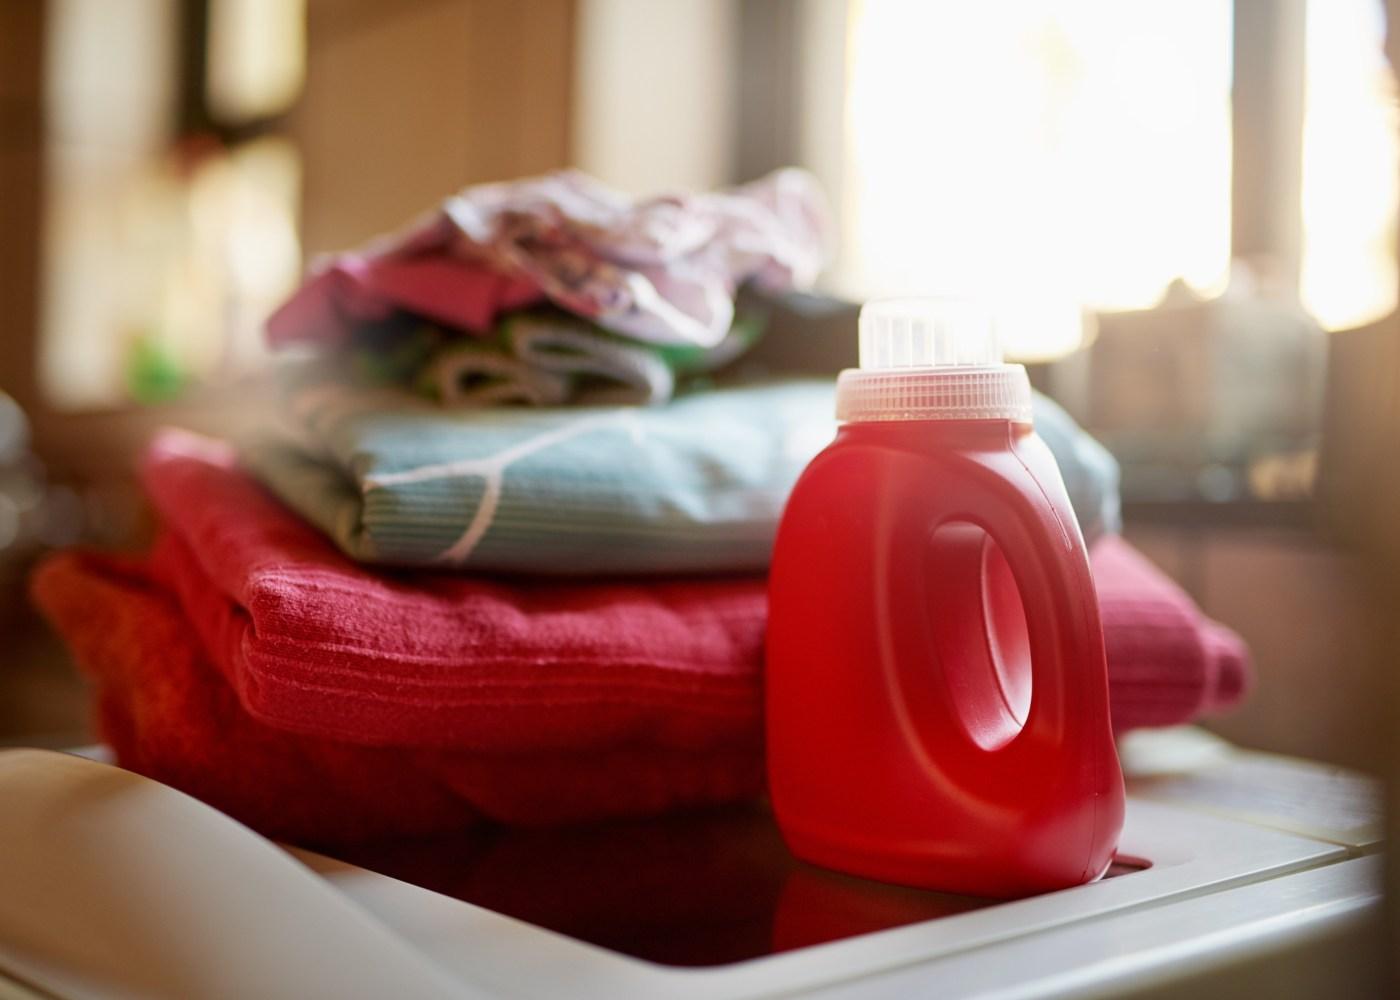 monte de roupa dobrada e detergente ao lado